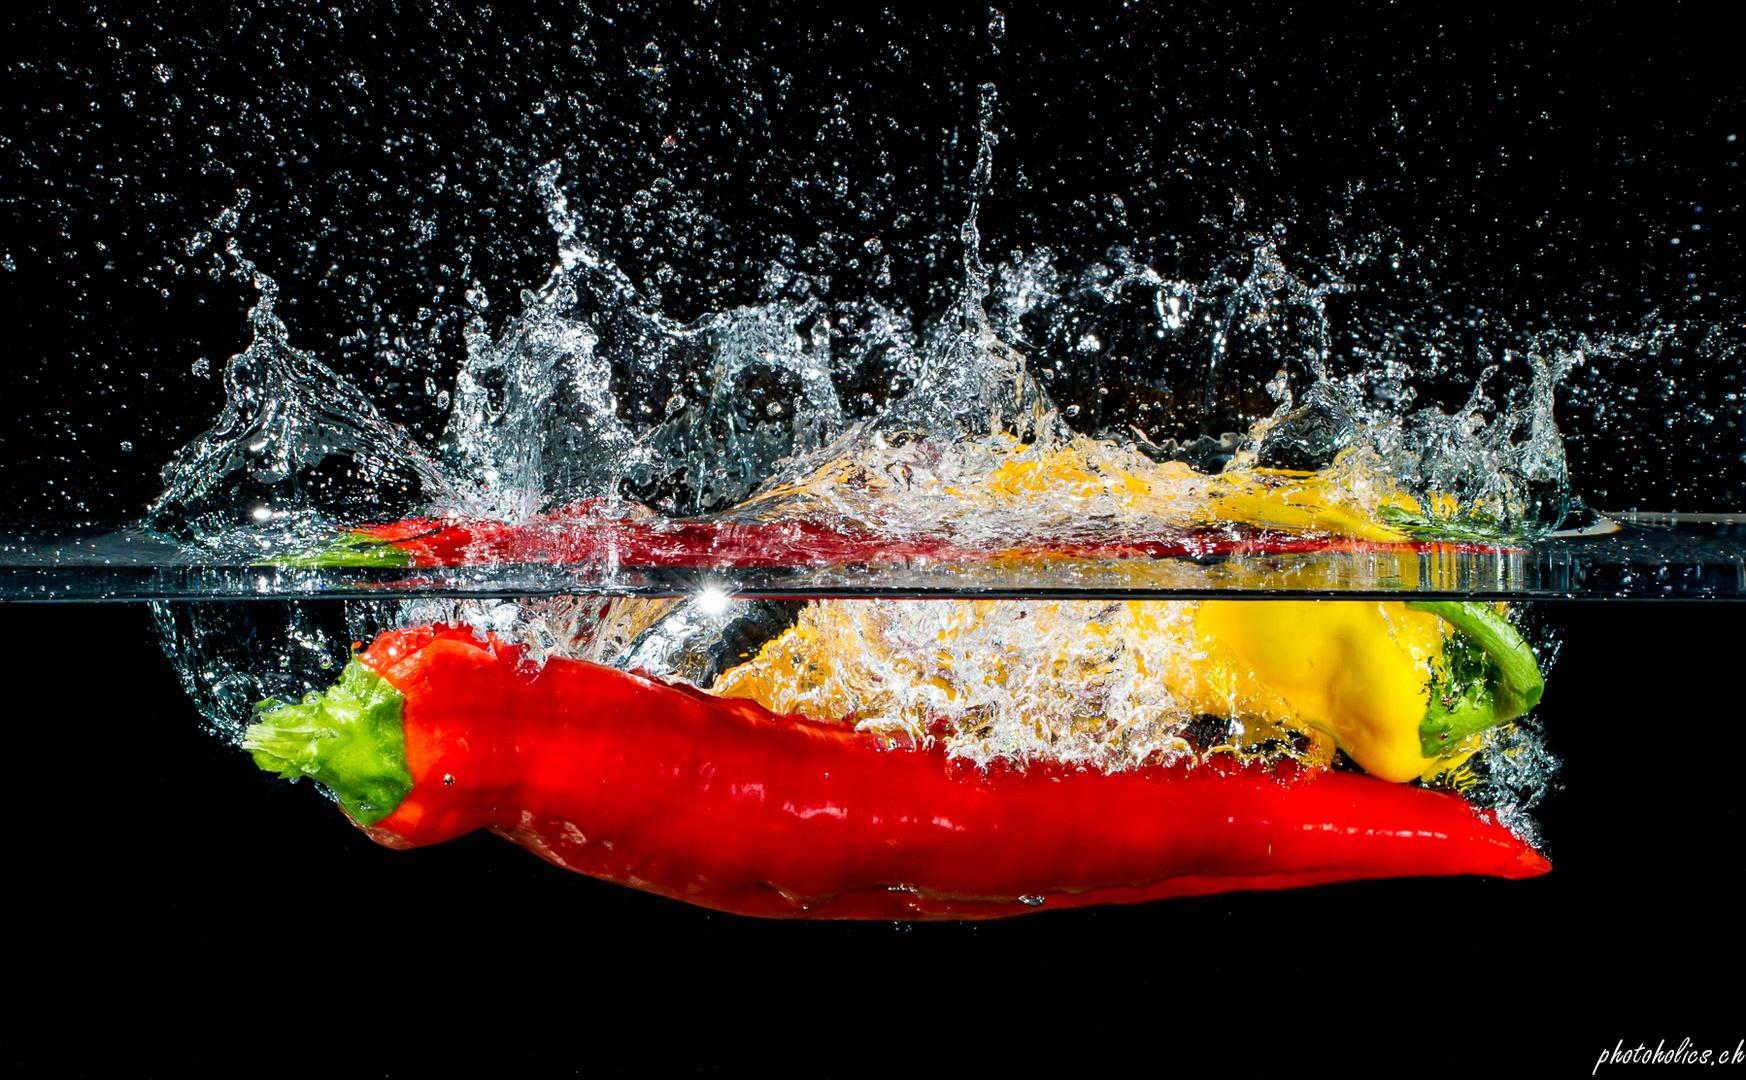 Capsicum splish splash